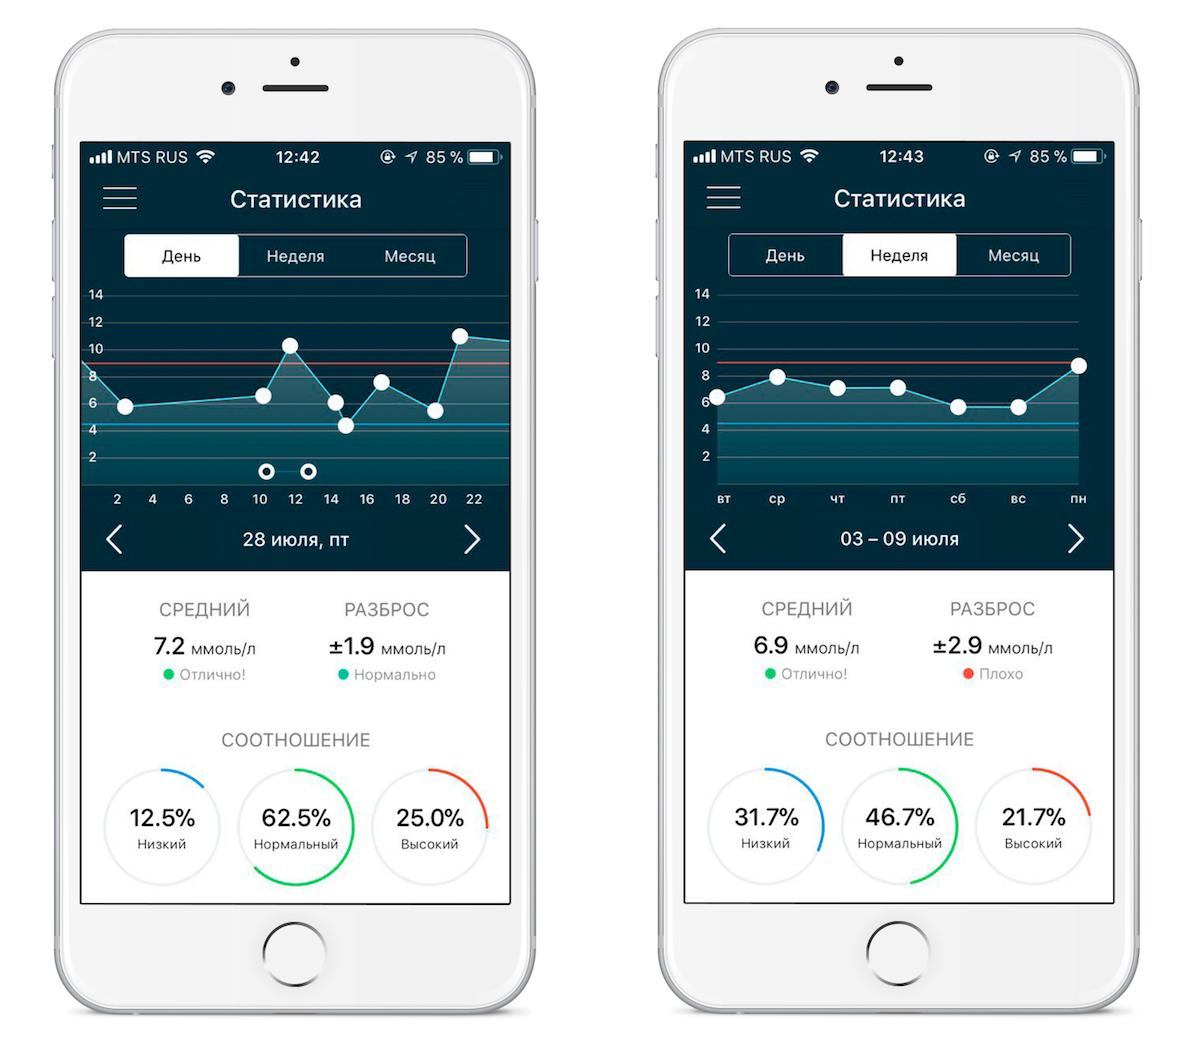 Разработка интерфейса приложения для пожизненного использования на примере мобильного дневника диабета - 10